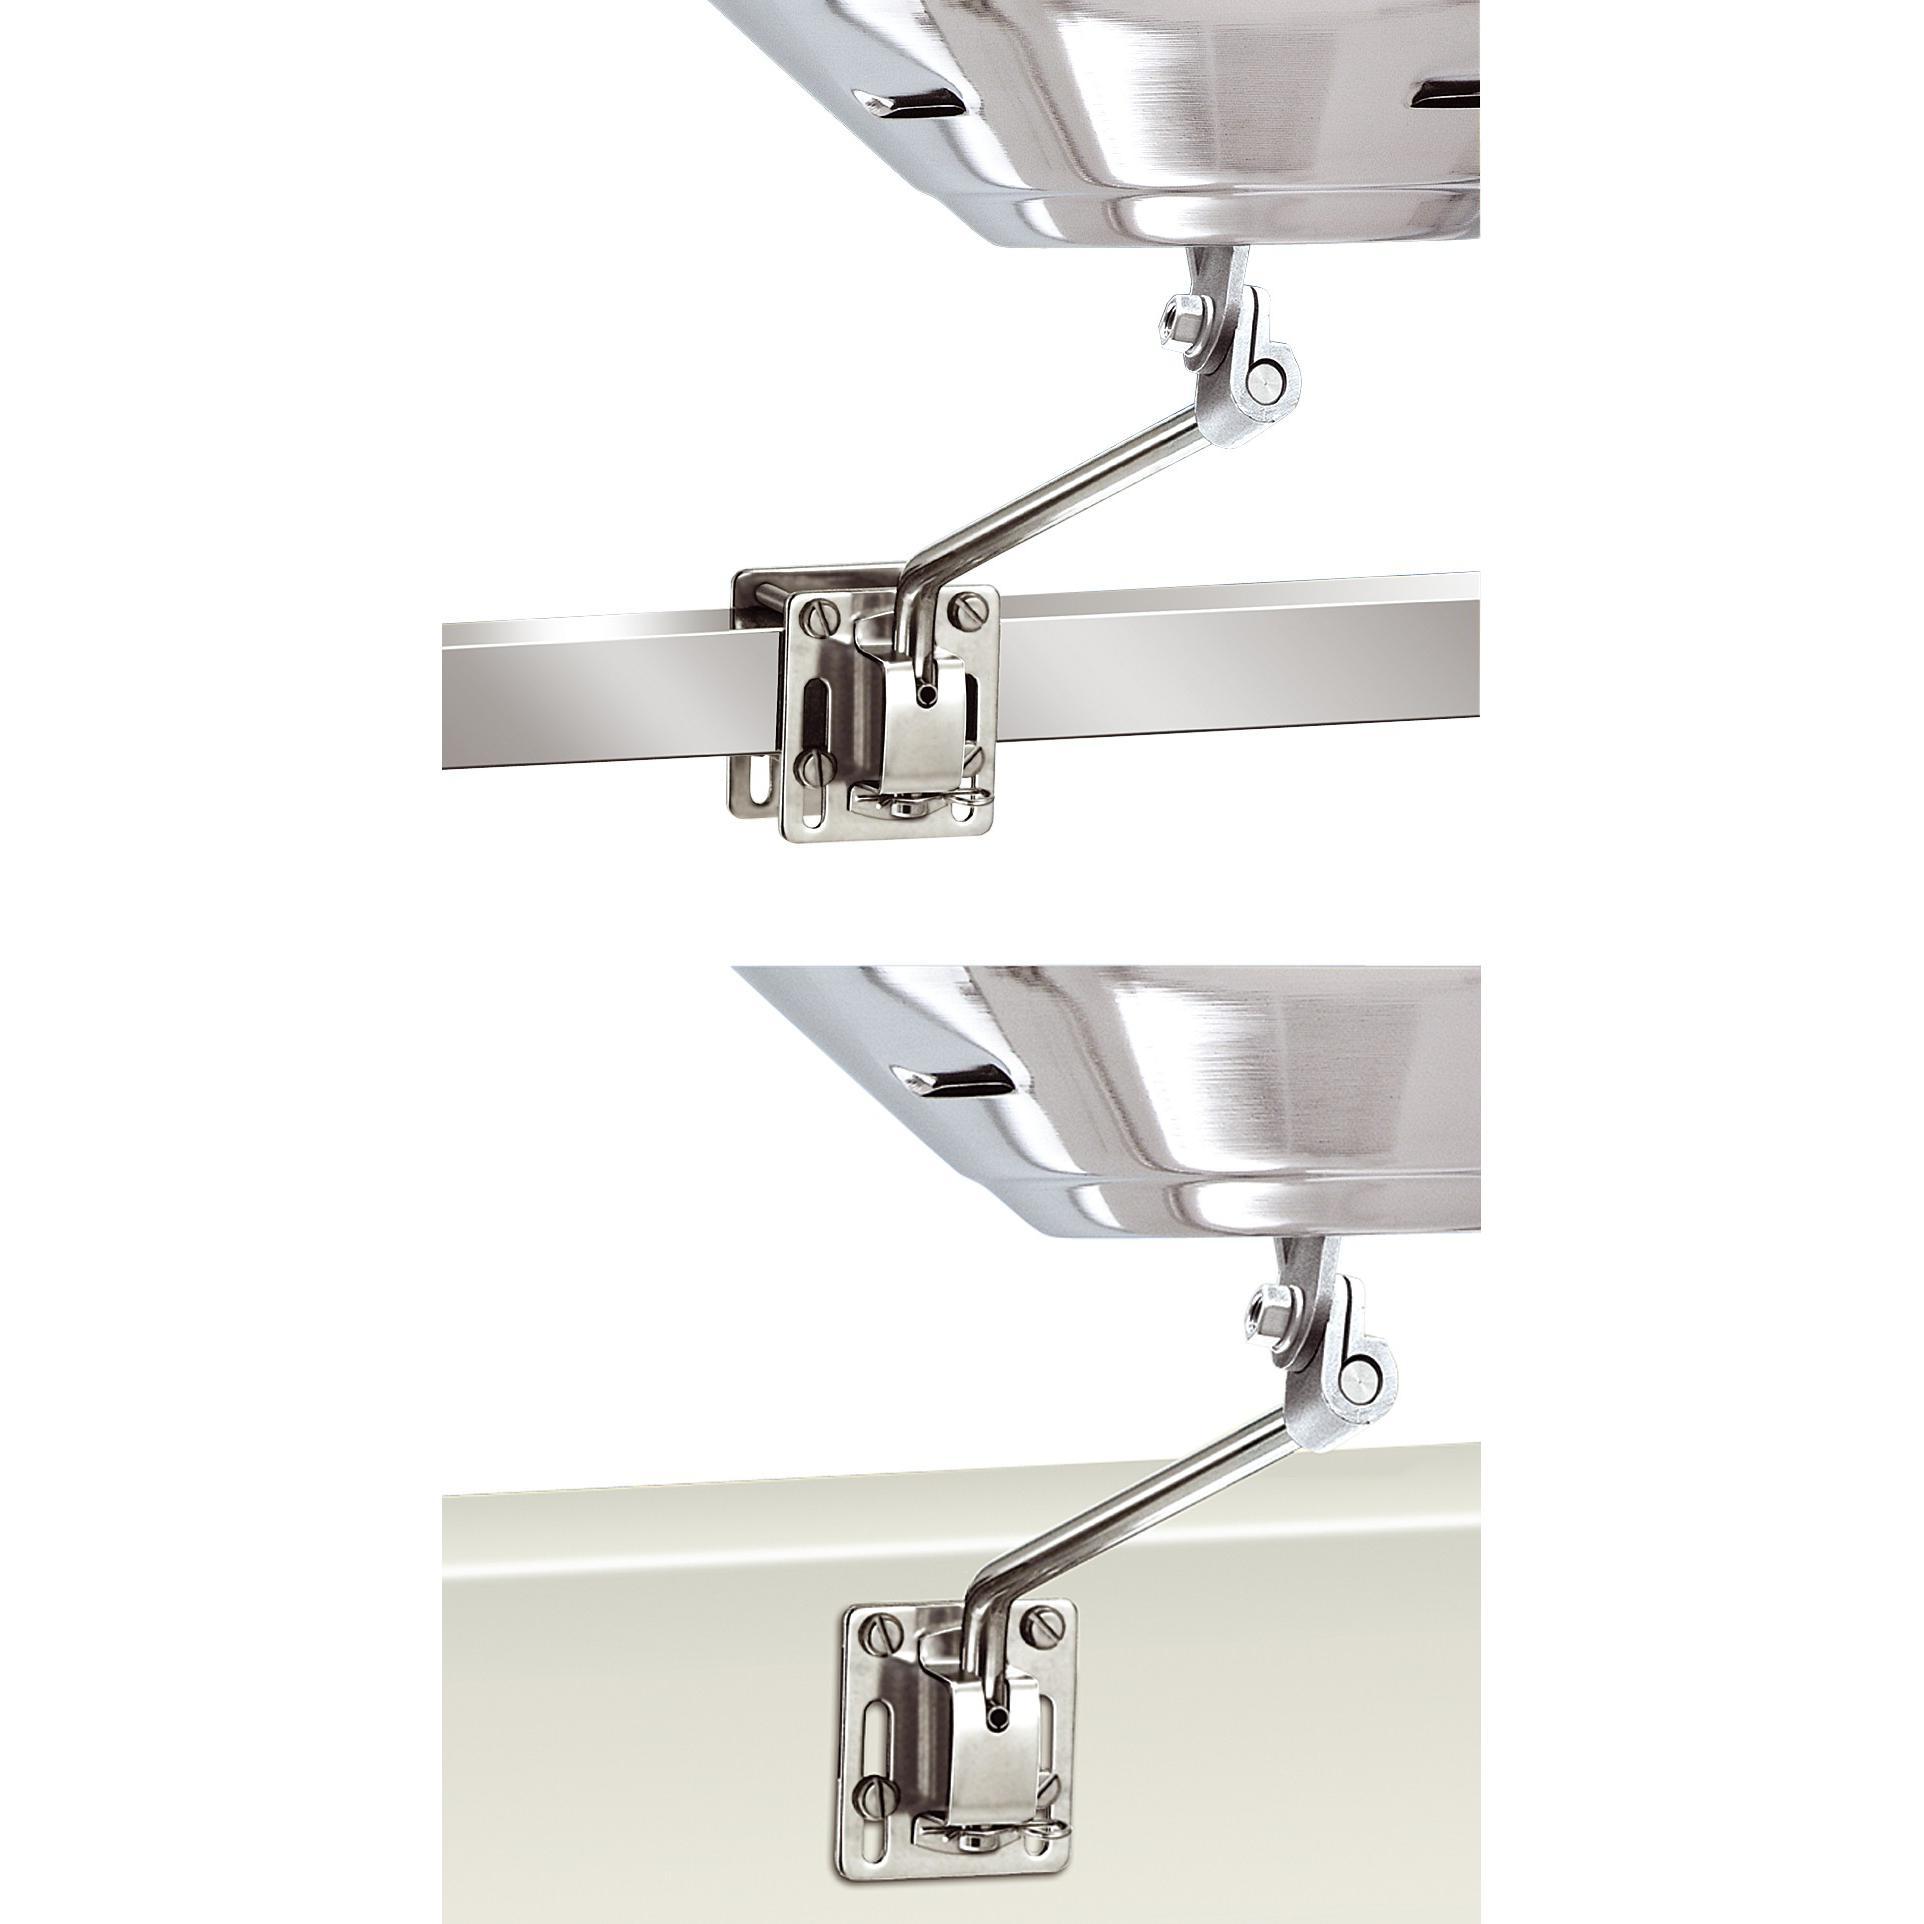 magma halterung f r vierkantrohr oder senkrechte fl chen f r marine kettle serie magma grill. Black Bedroom Furniture Sets. Home Design Ideas